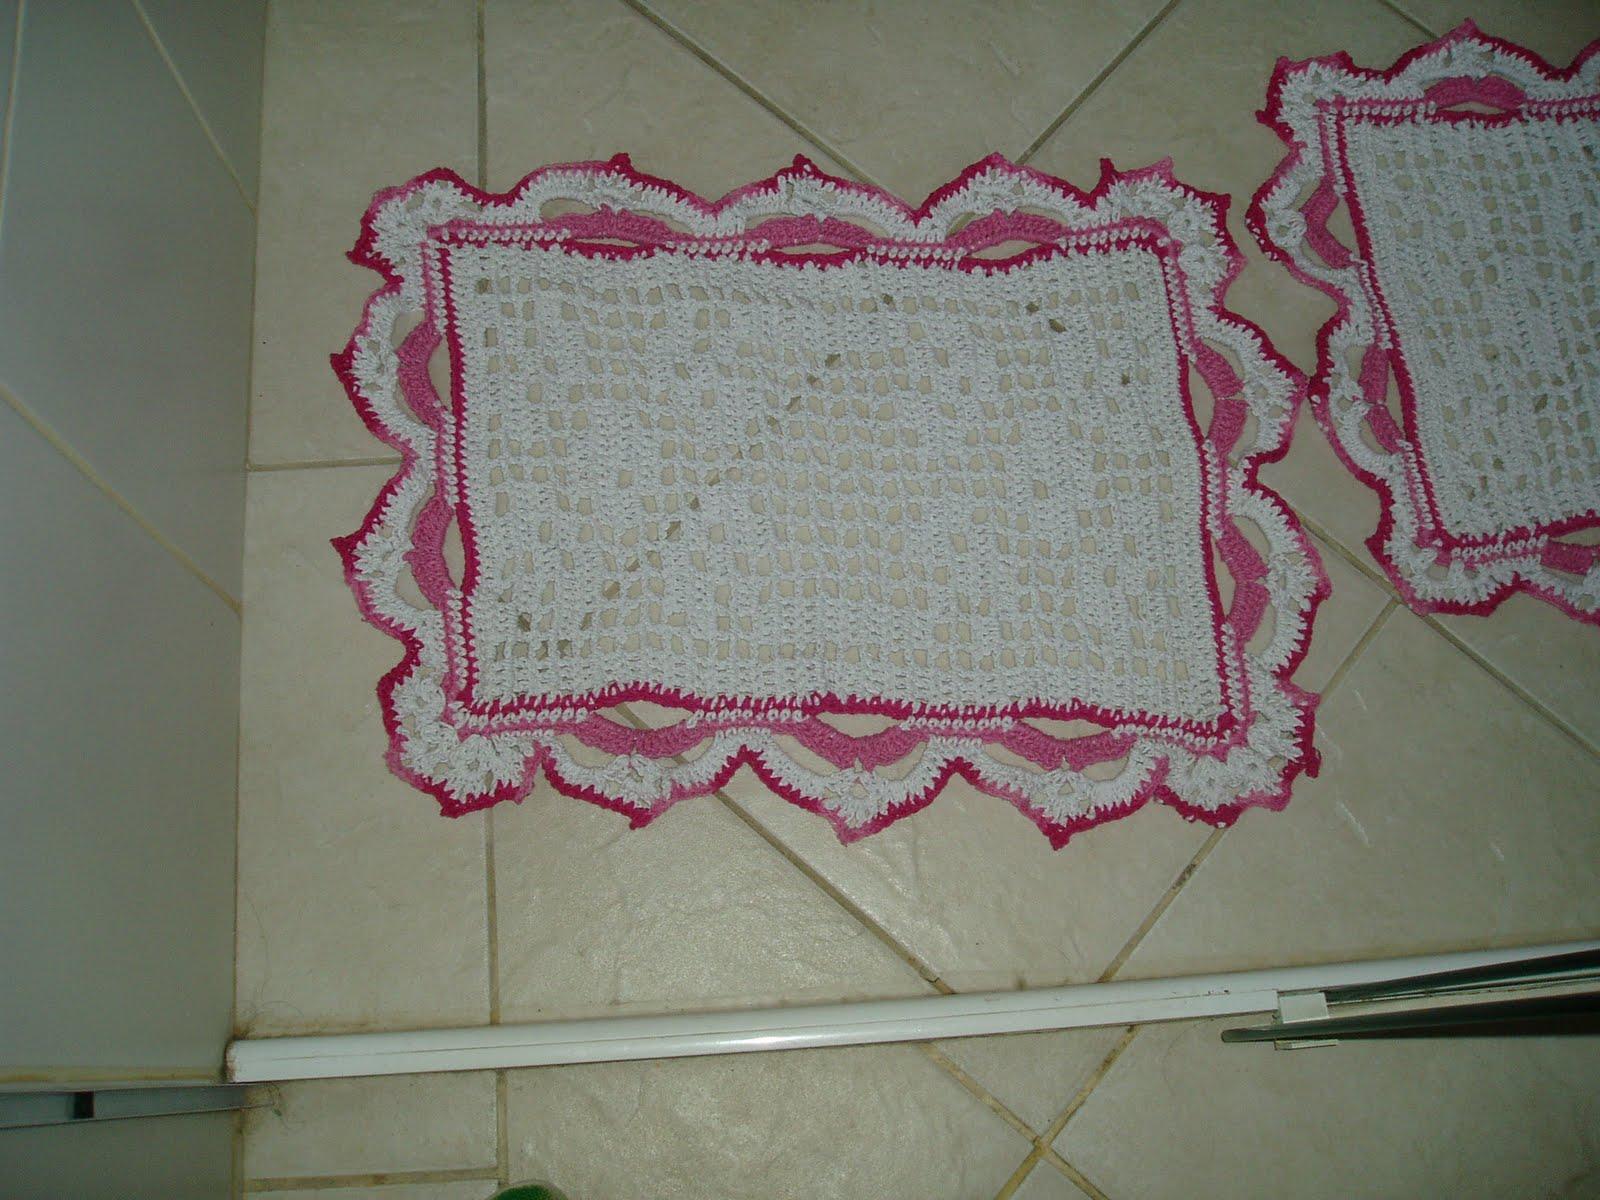 Tecendo Receitas: Jogo de banheiro em croche file branco e rosa #6E2B40 1600x1200 Banheiro Branco E Rosa